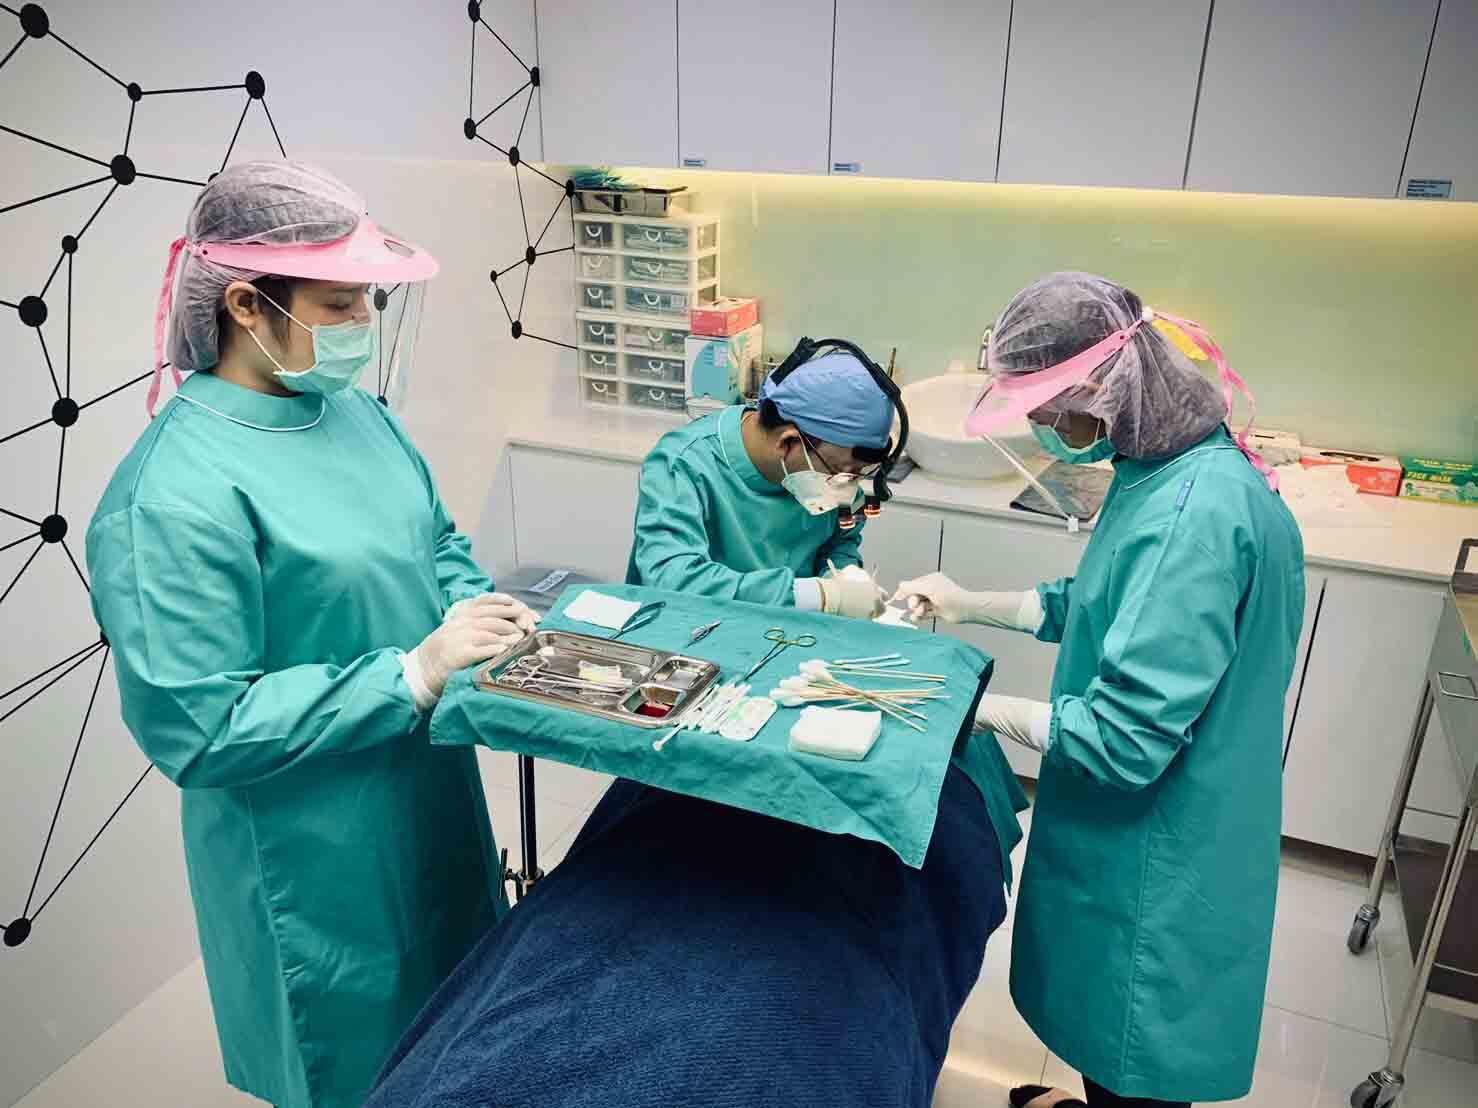 ❎😭ทำปากกระจับ แล้วปากปิดไม่สนิท เกิดจากอะไร😭❎, คลินิคศัลยกรรมความงาม โดย นายแพทย์ พลศักดิ์ วรไกร (หมอเปิ้ล)